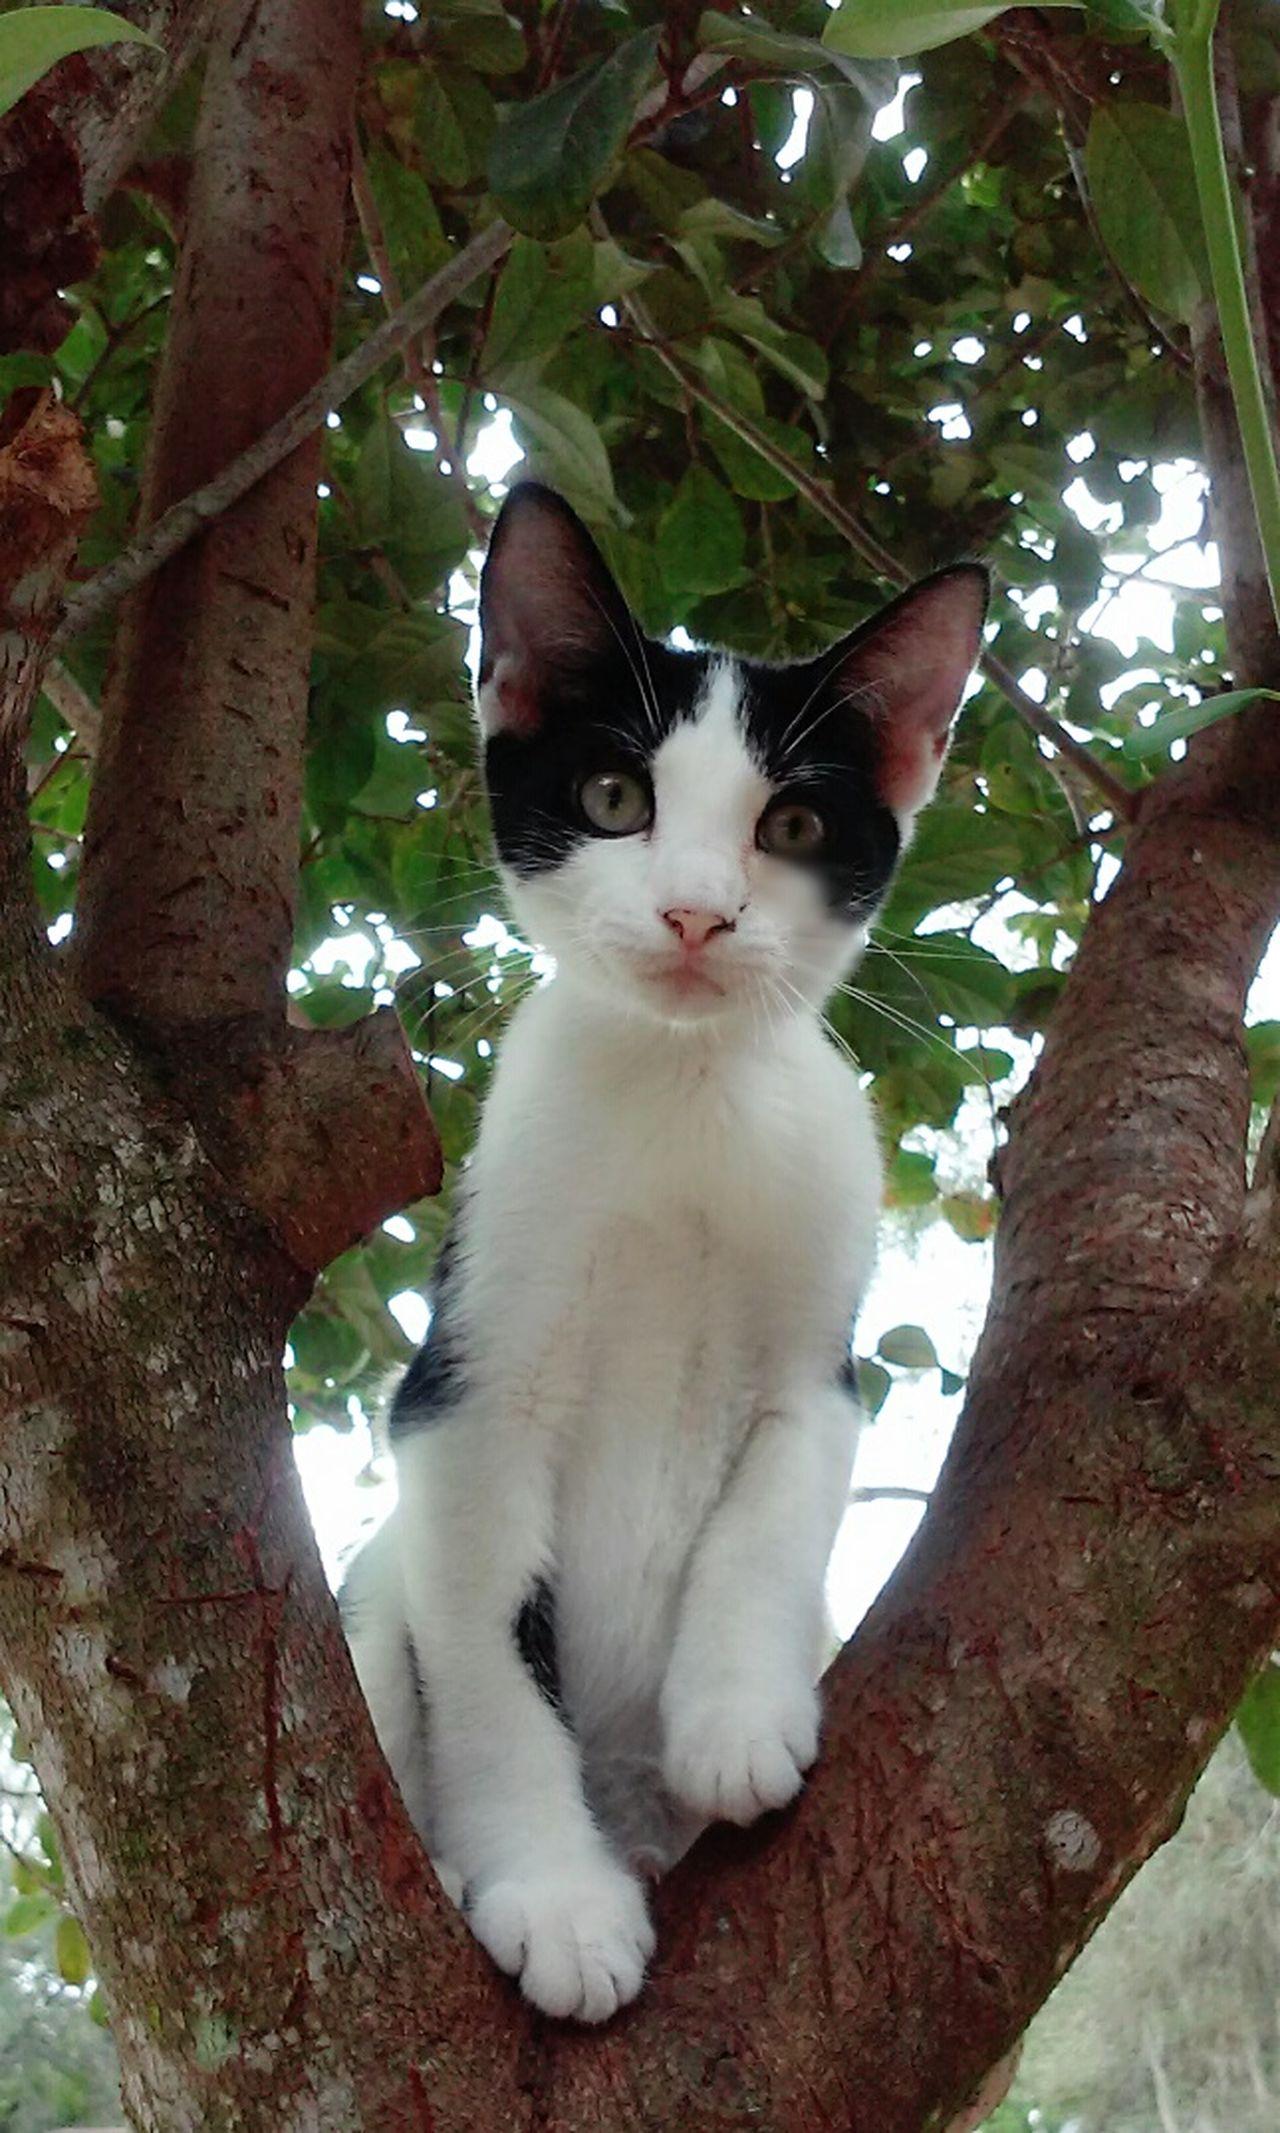 I Love My Cat Cat Lovers Cat♡ Cats Of EyeEm Cat Eyes Cats 🐱 Catportrait Catlady Catsoneyeem I Love Cats Cats N Trees Love Cats